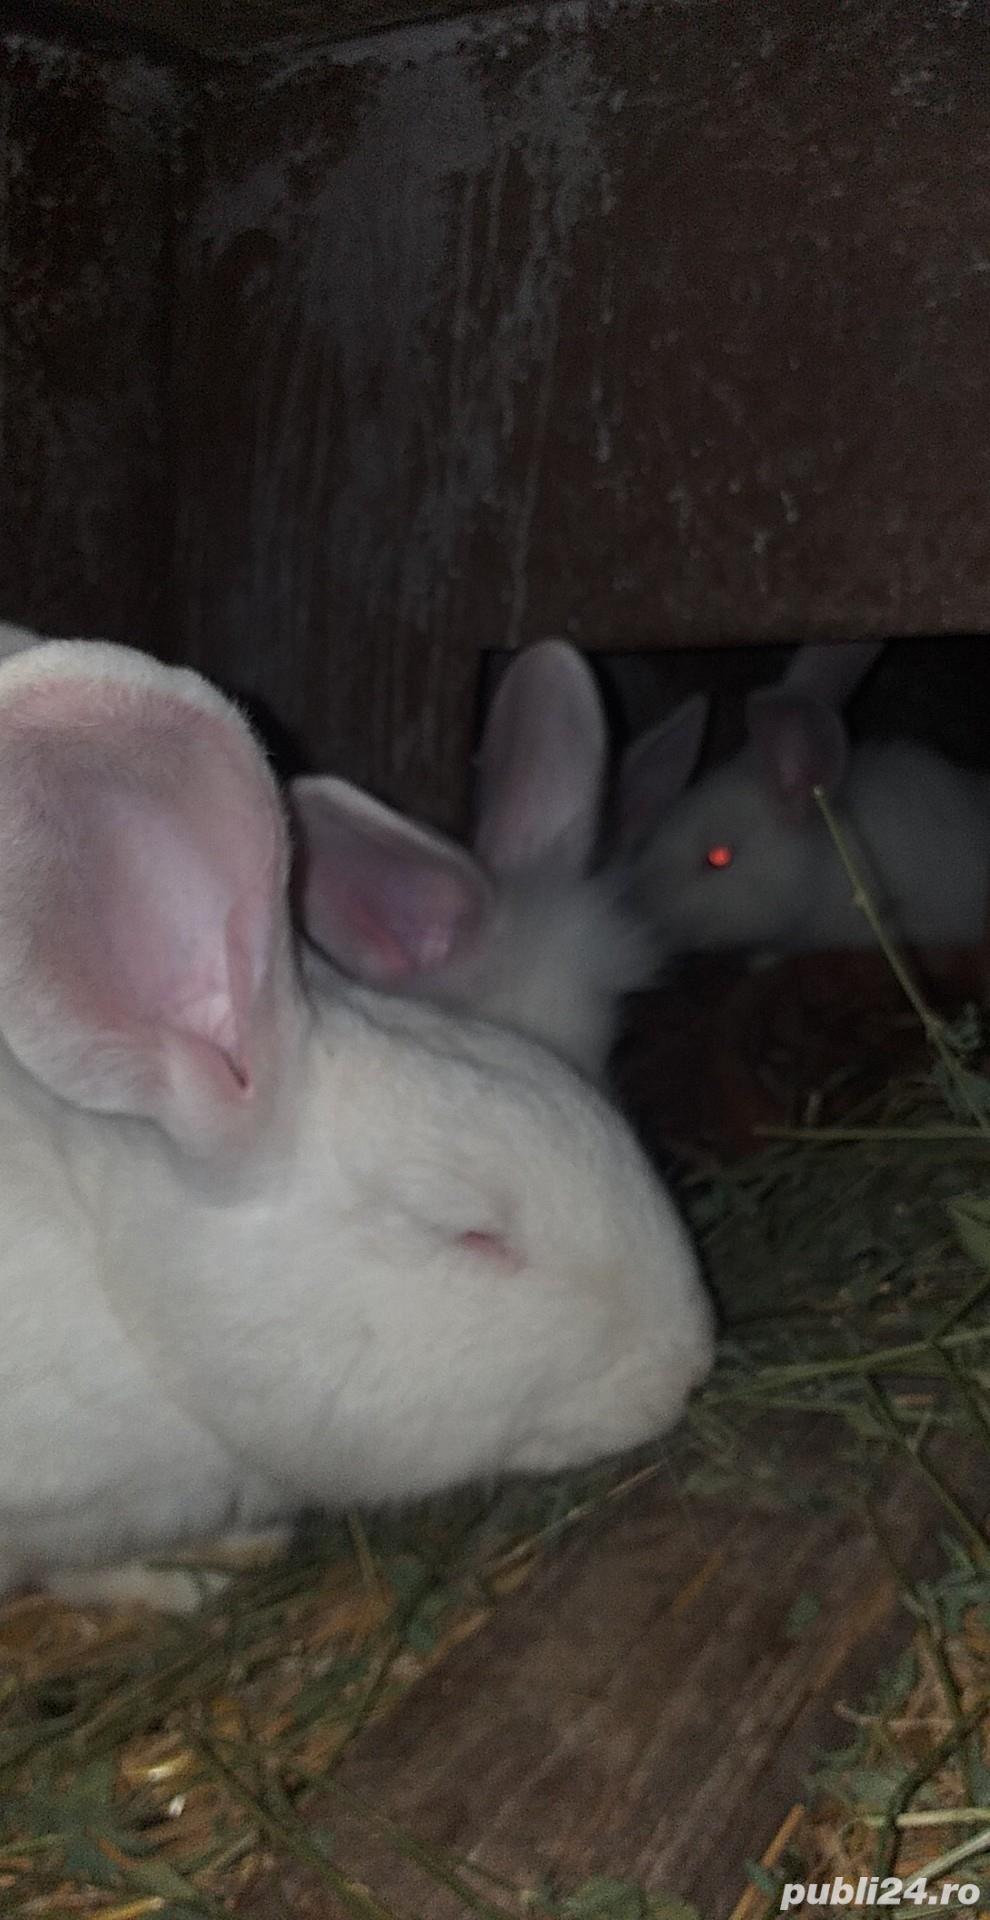 Vand iepuri  albi cap de leu mari  cu blana stralucitoare150 lei frumoși pentru copiiii